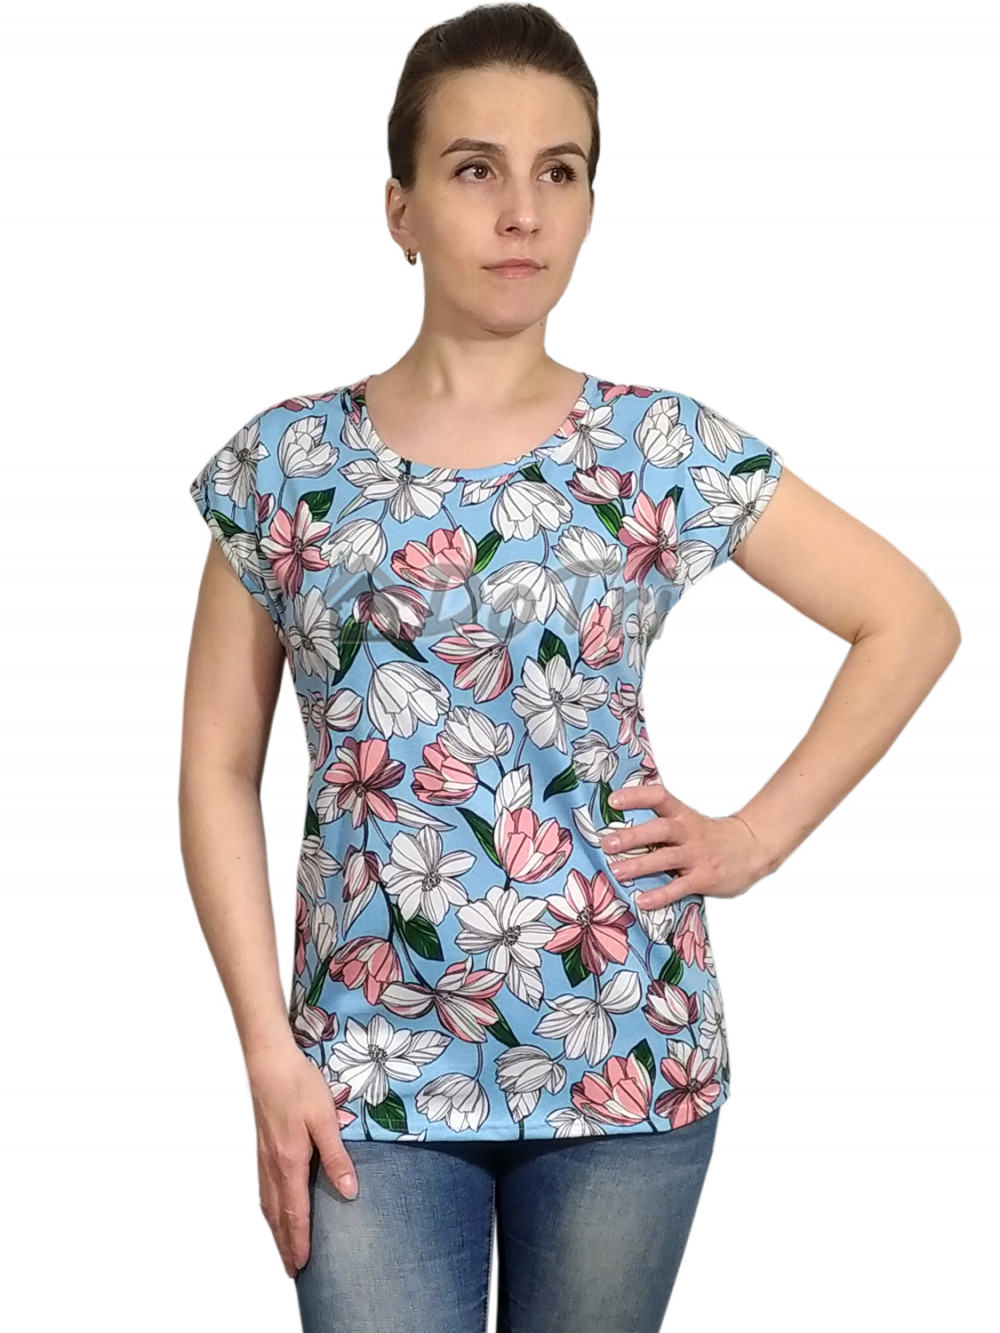 Увеличить - Блузка «Прима» арт 047 нежно голубая